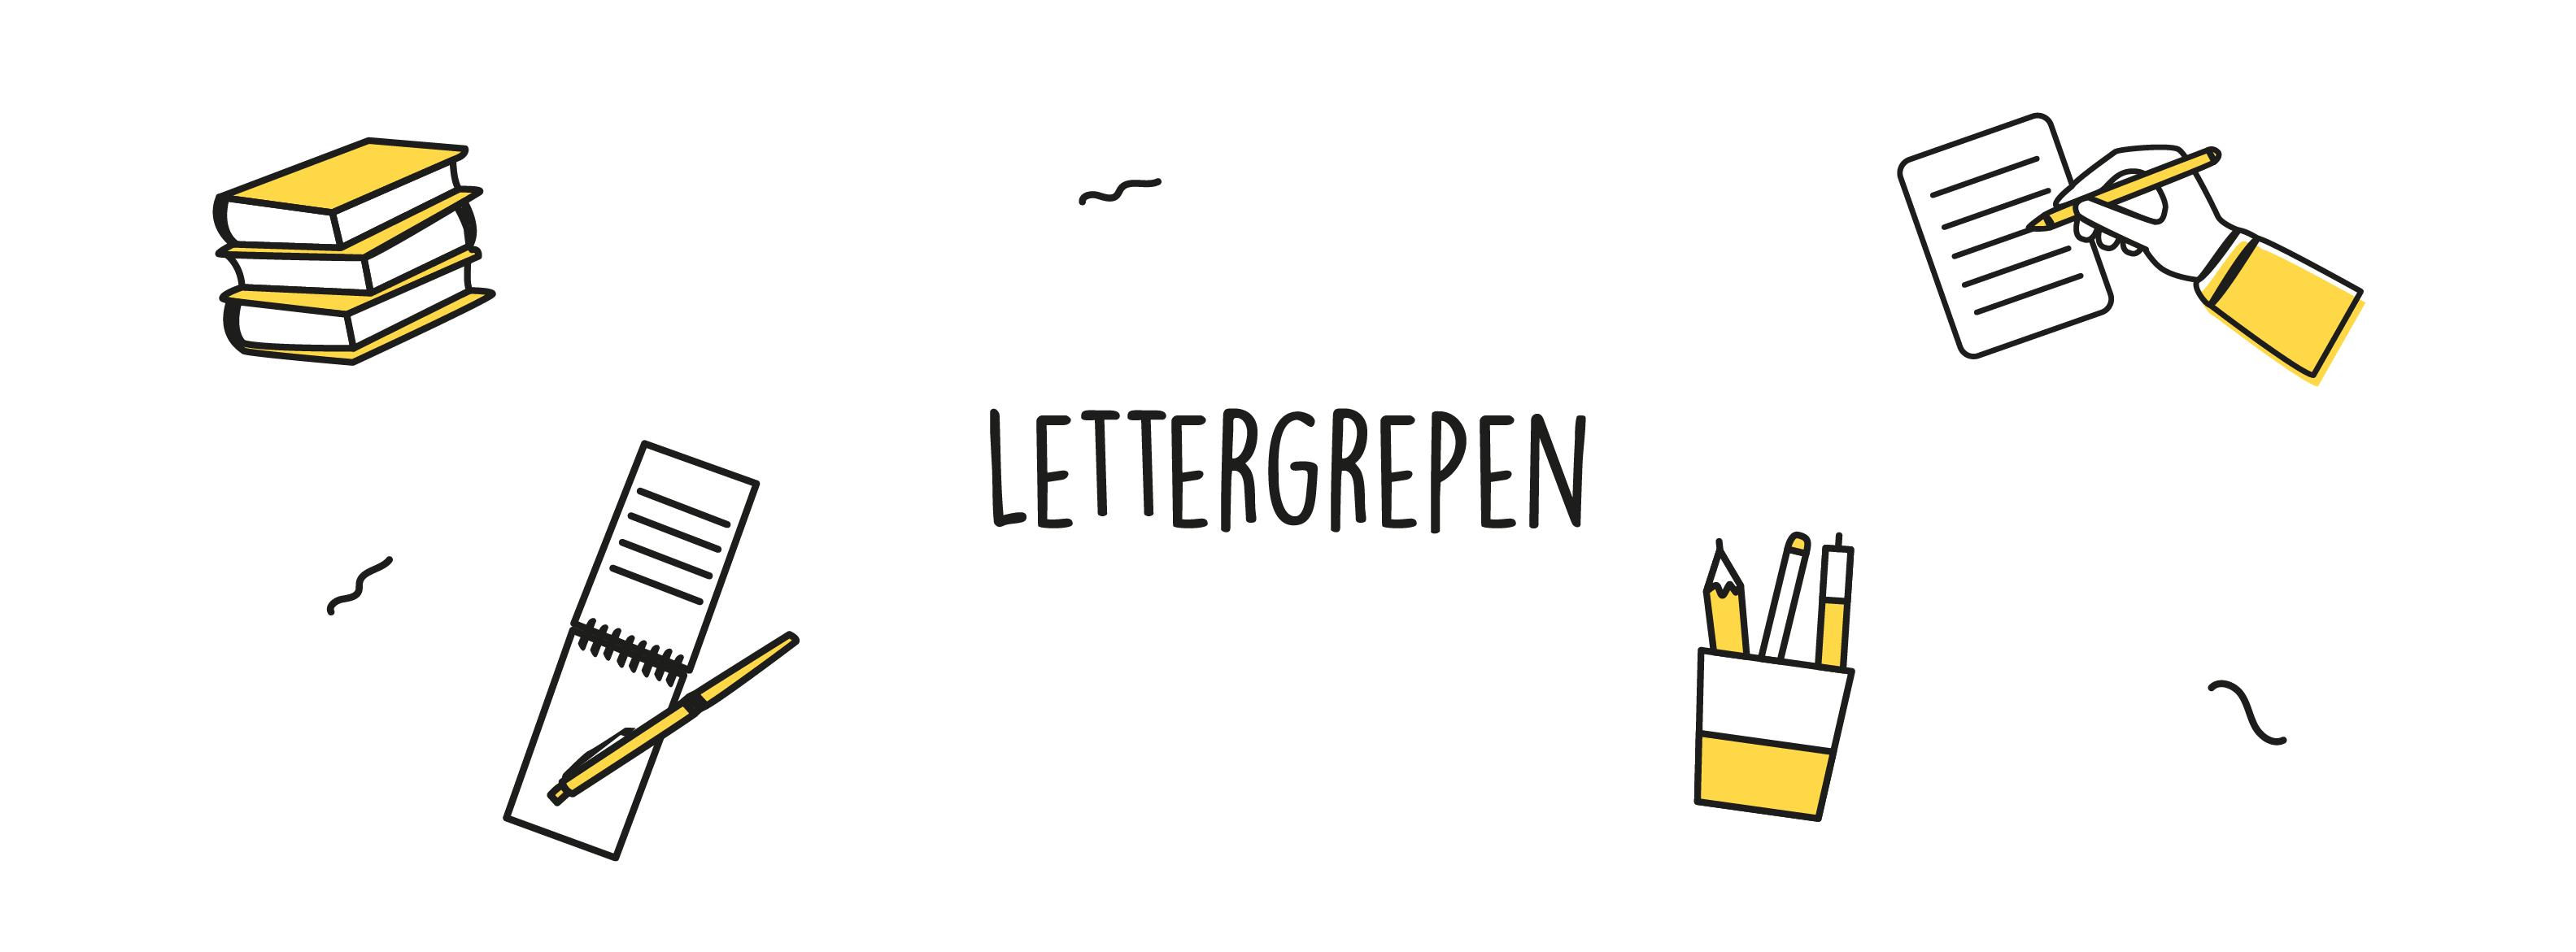 Lettergrepen